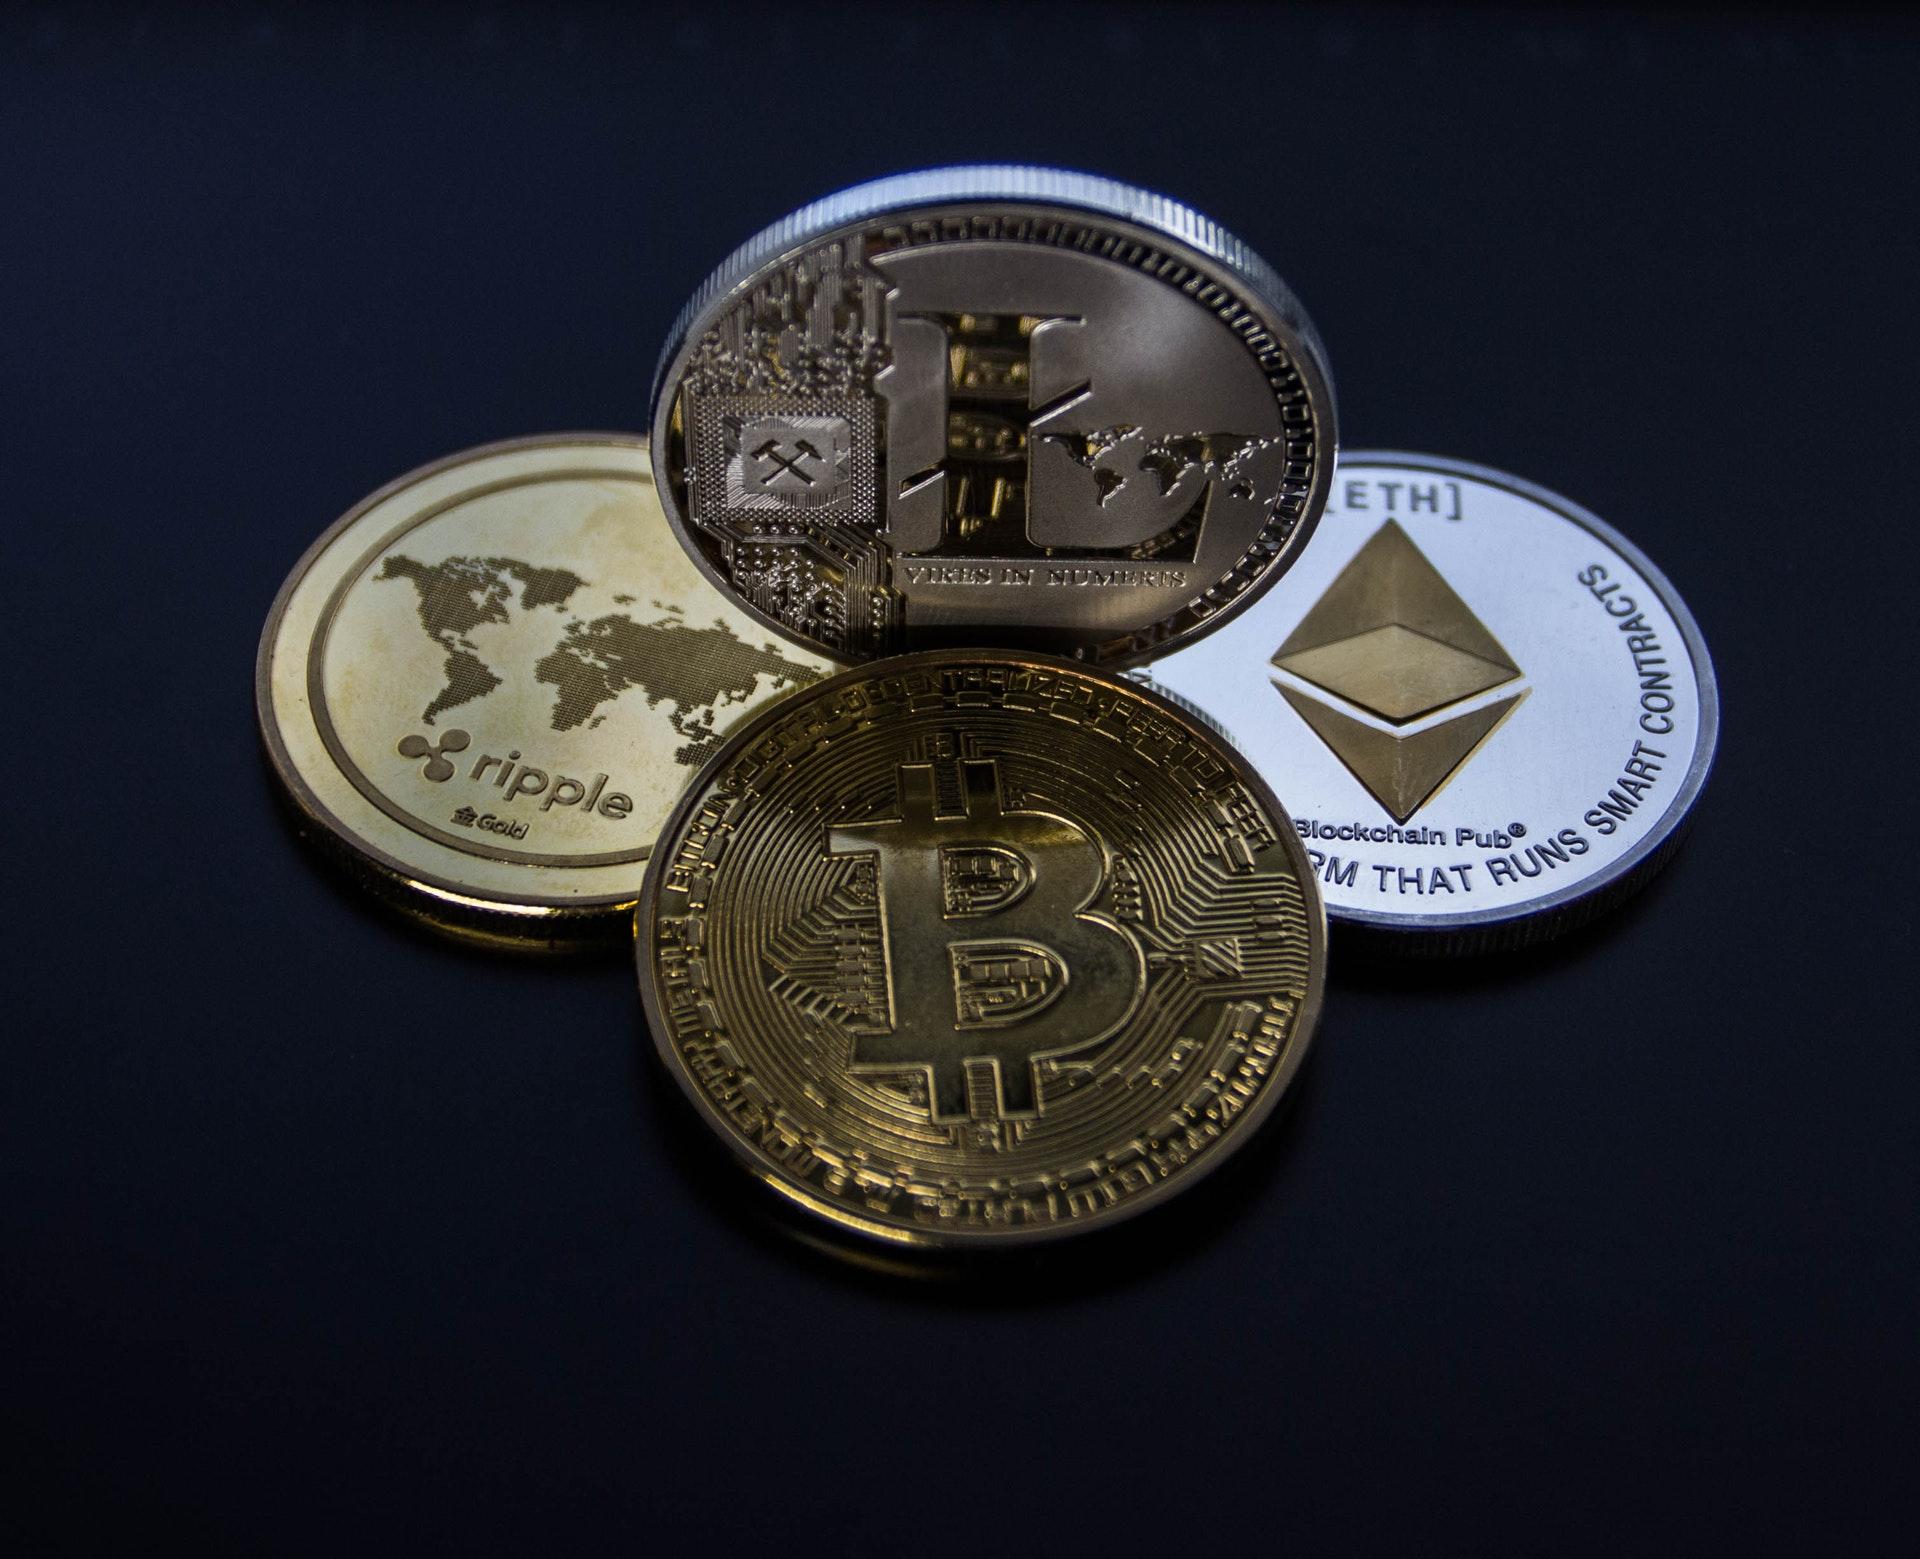 La Audiencia Nacional investiga una trama piramidal de inversión en criptomonedas